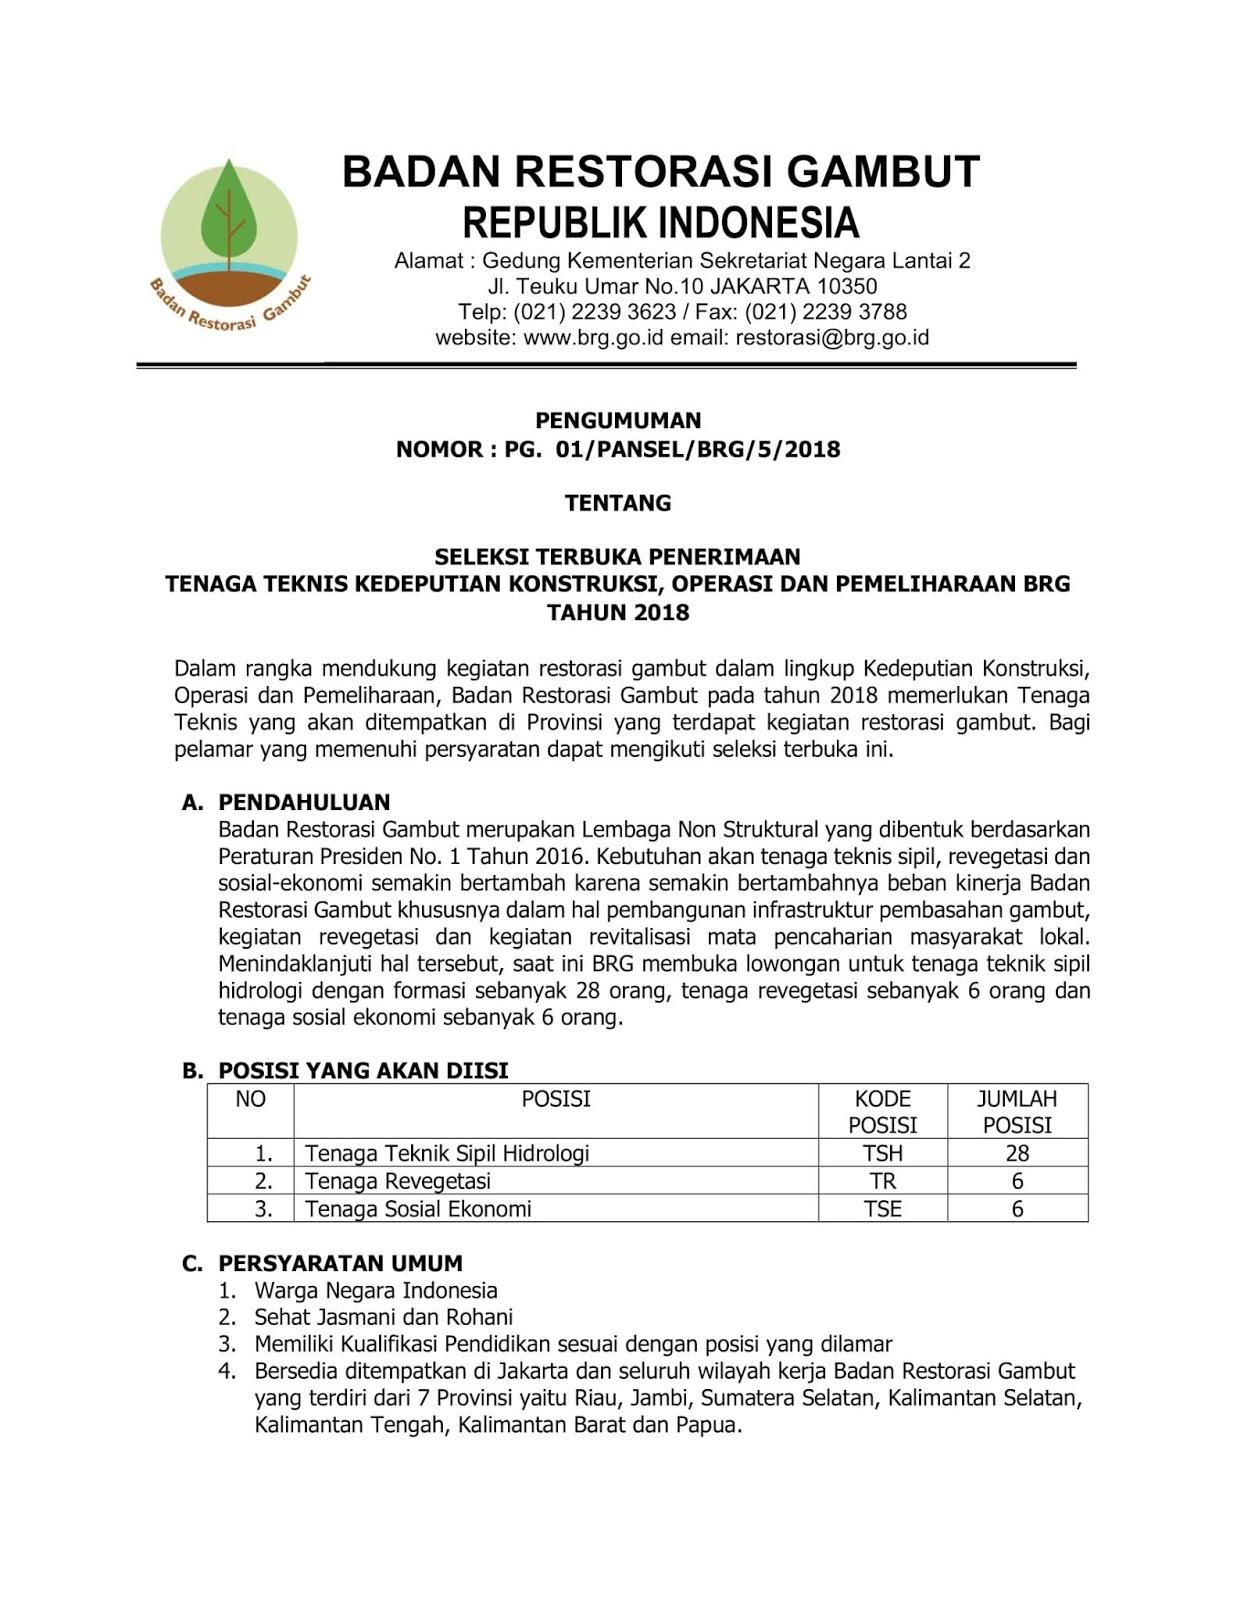 Lowongan Kerja Online Badan Restorasi Gambut Republik Indonesia